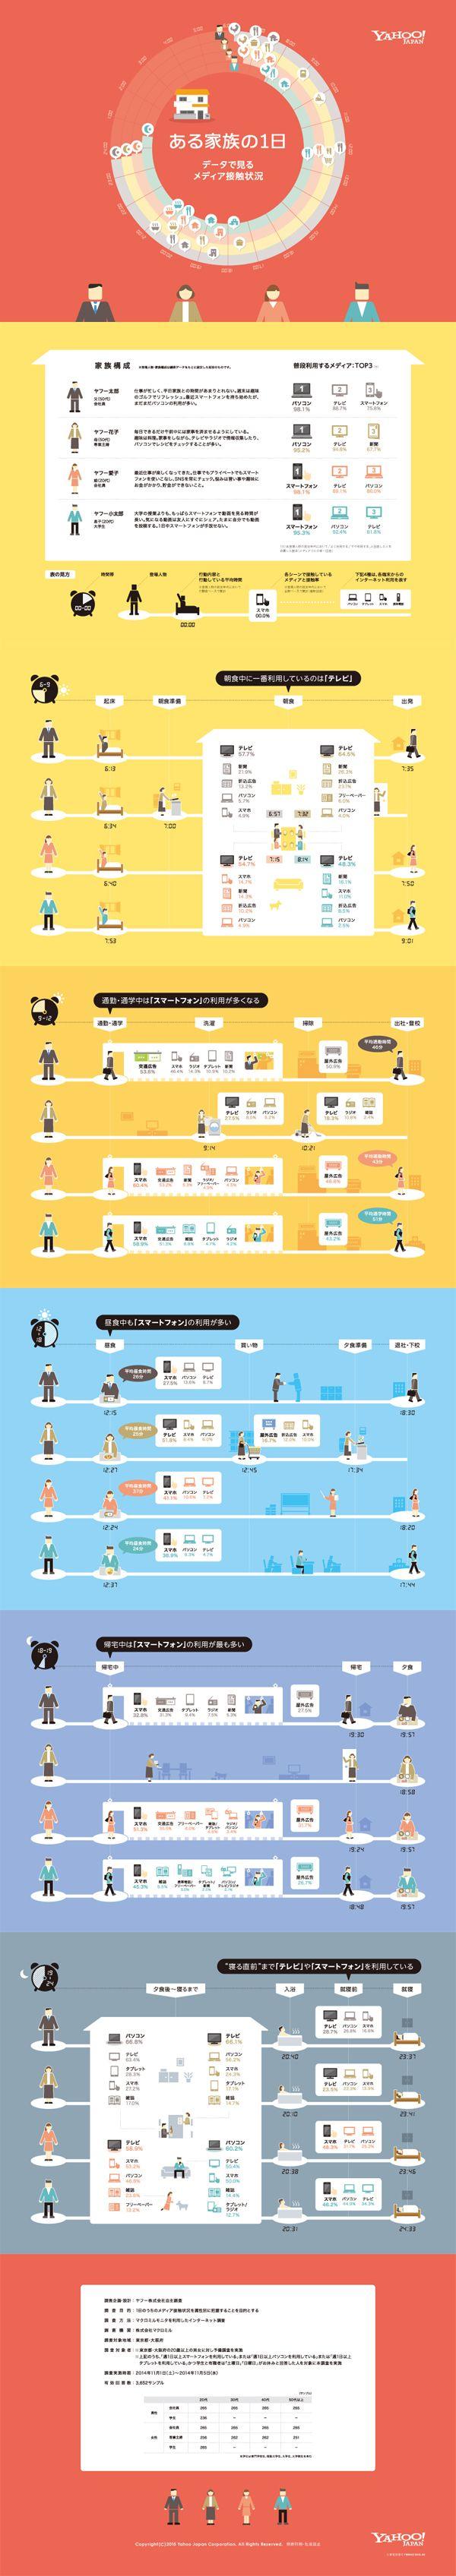 Yahoo! JAPANは、東京都・大阪府在住の20歳以上の男女を対象にメディアの利用実態調査を行い、その結果をインフォグラフィックで公開し...